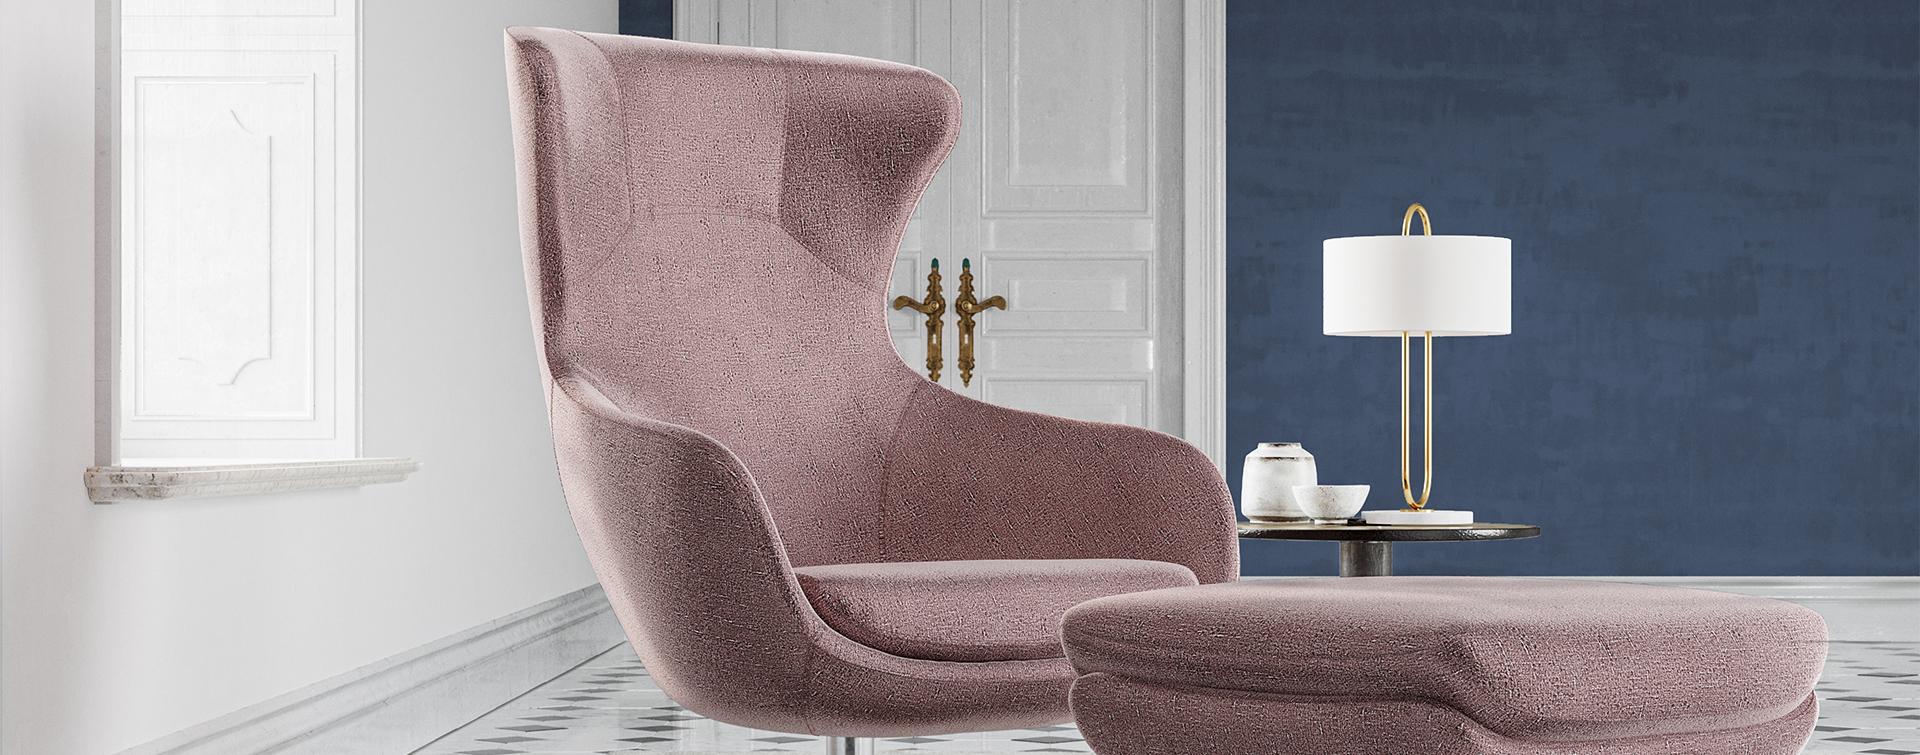 Strange Poltronesofa Magica Idea Pabps2019 Chair Design Images Pabps2019Com